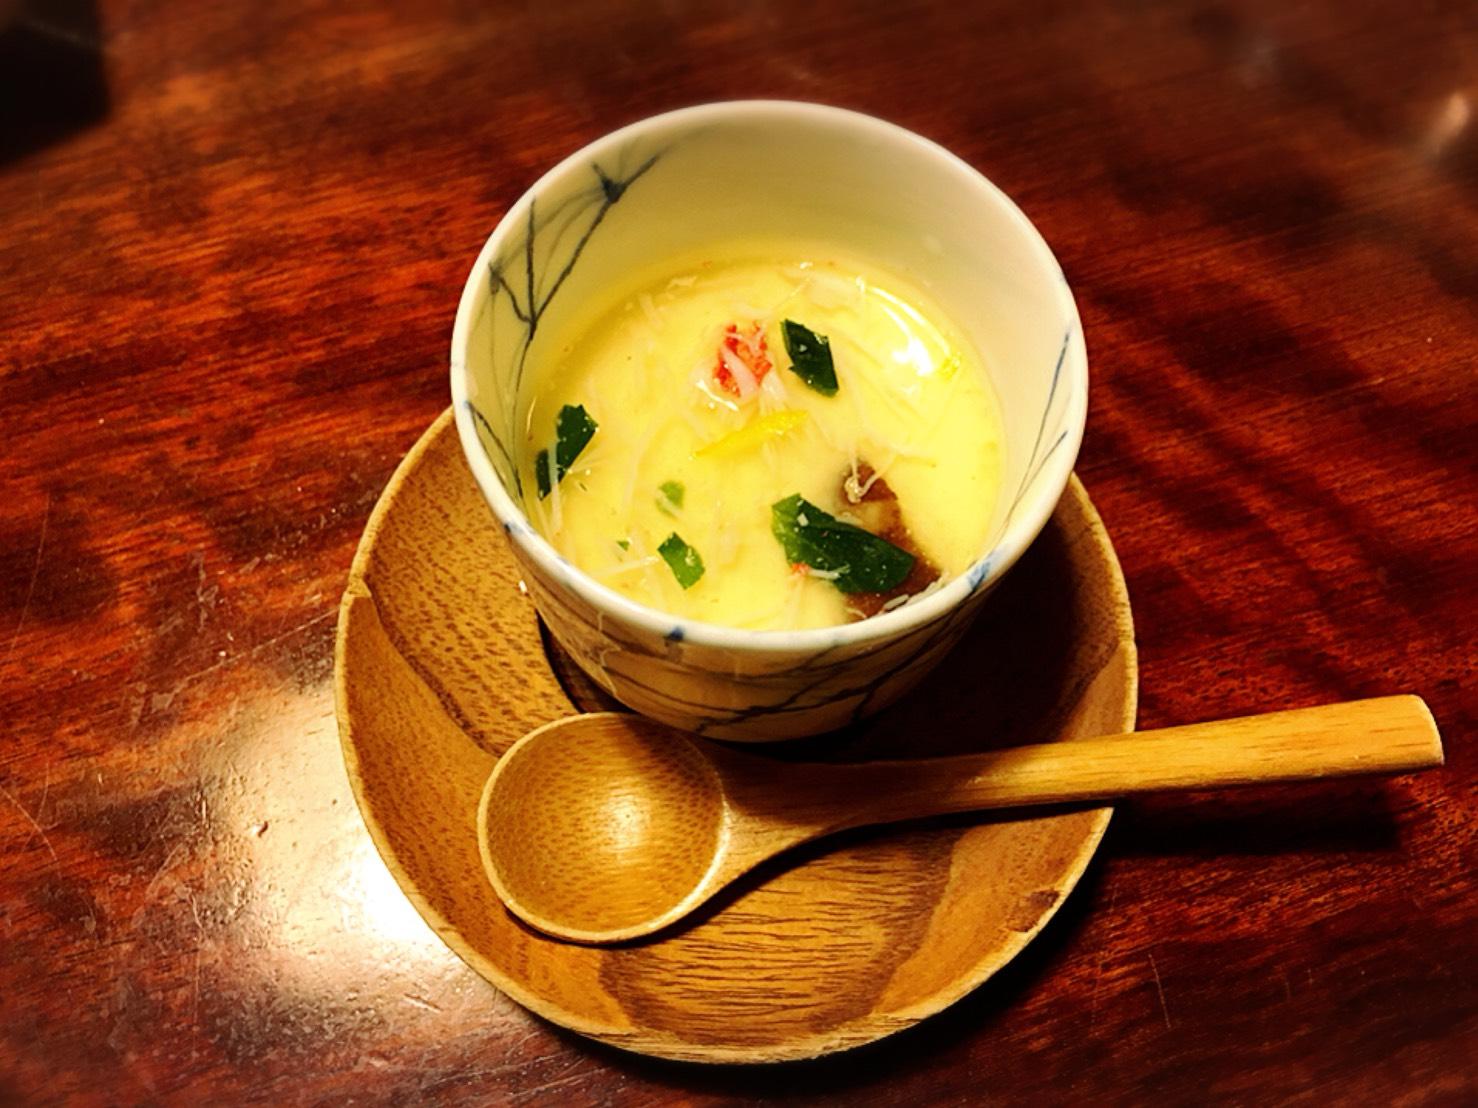 【新宿駅】贅の極み!蟹ざんまいで蟹に溺れる贅沢体験!豪華絢爛な「かに道楽」のかにしゃぶ会席冬景色のかに茶碗蒸し